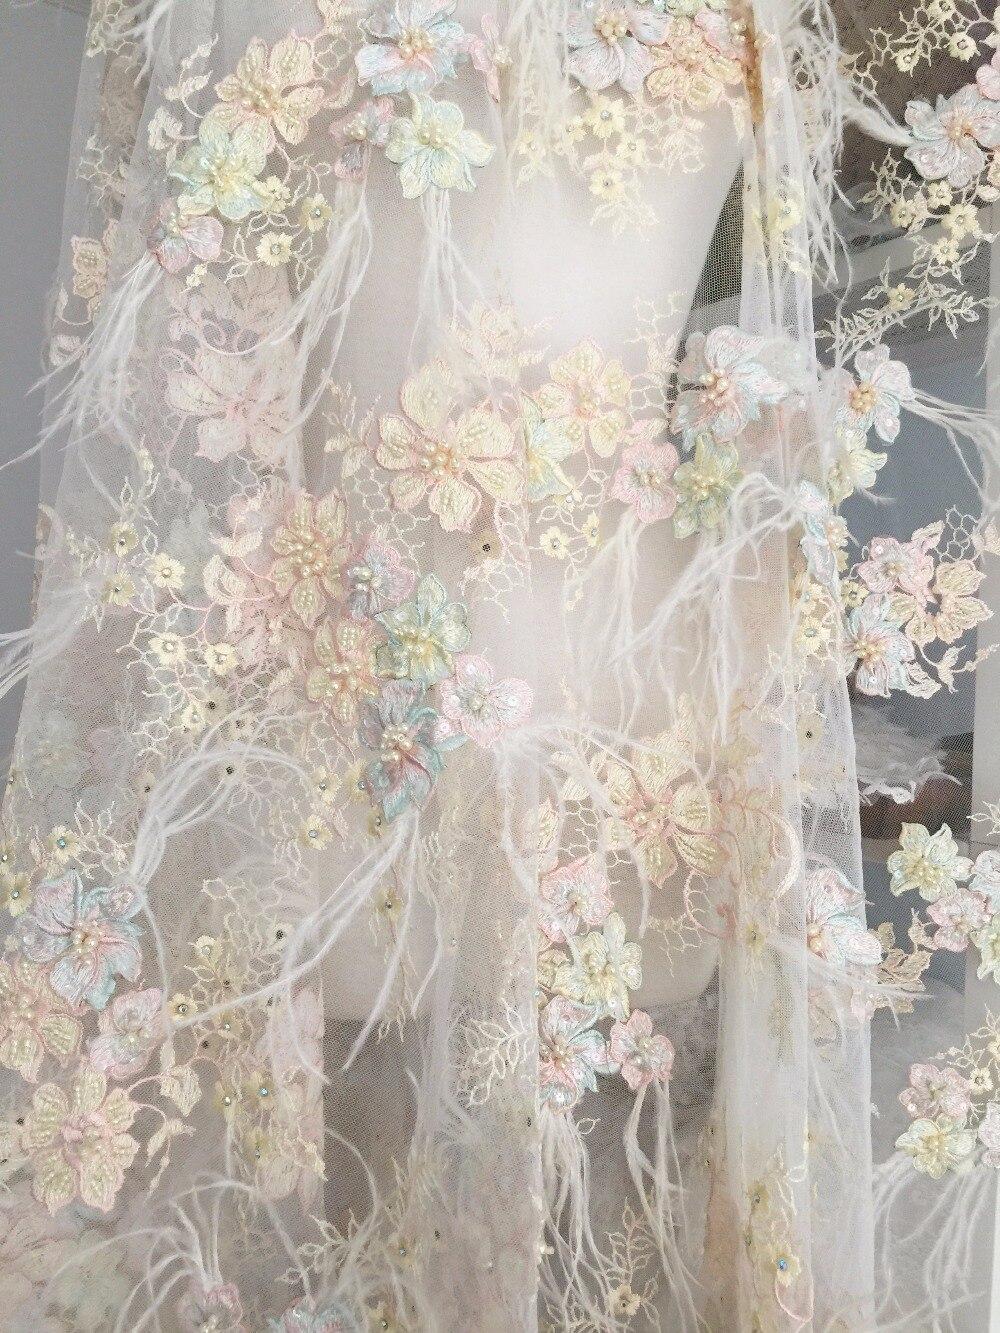 Atemberaubend Brautkleid Stoff Spitze Fotos - Brautkleider Ideen ...